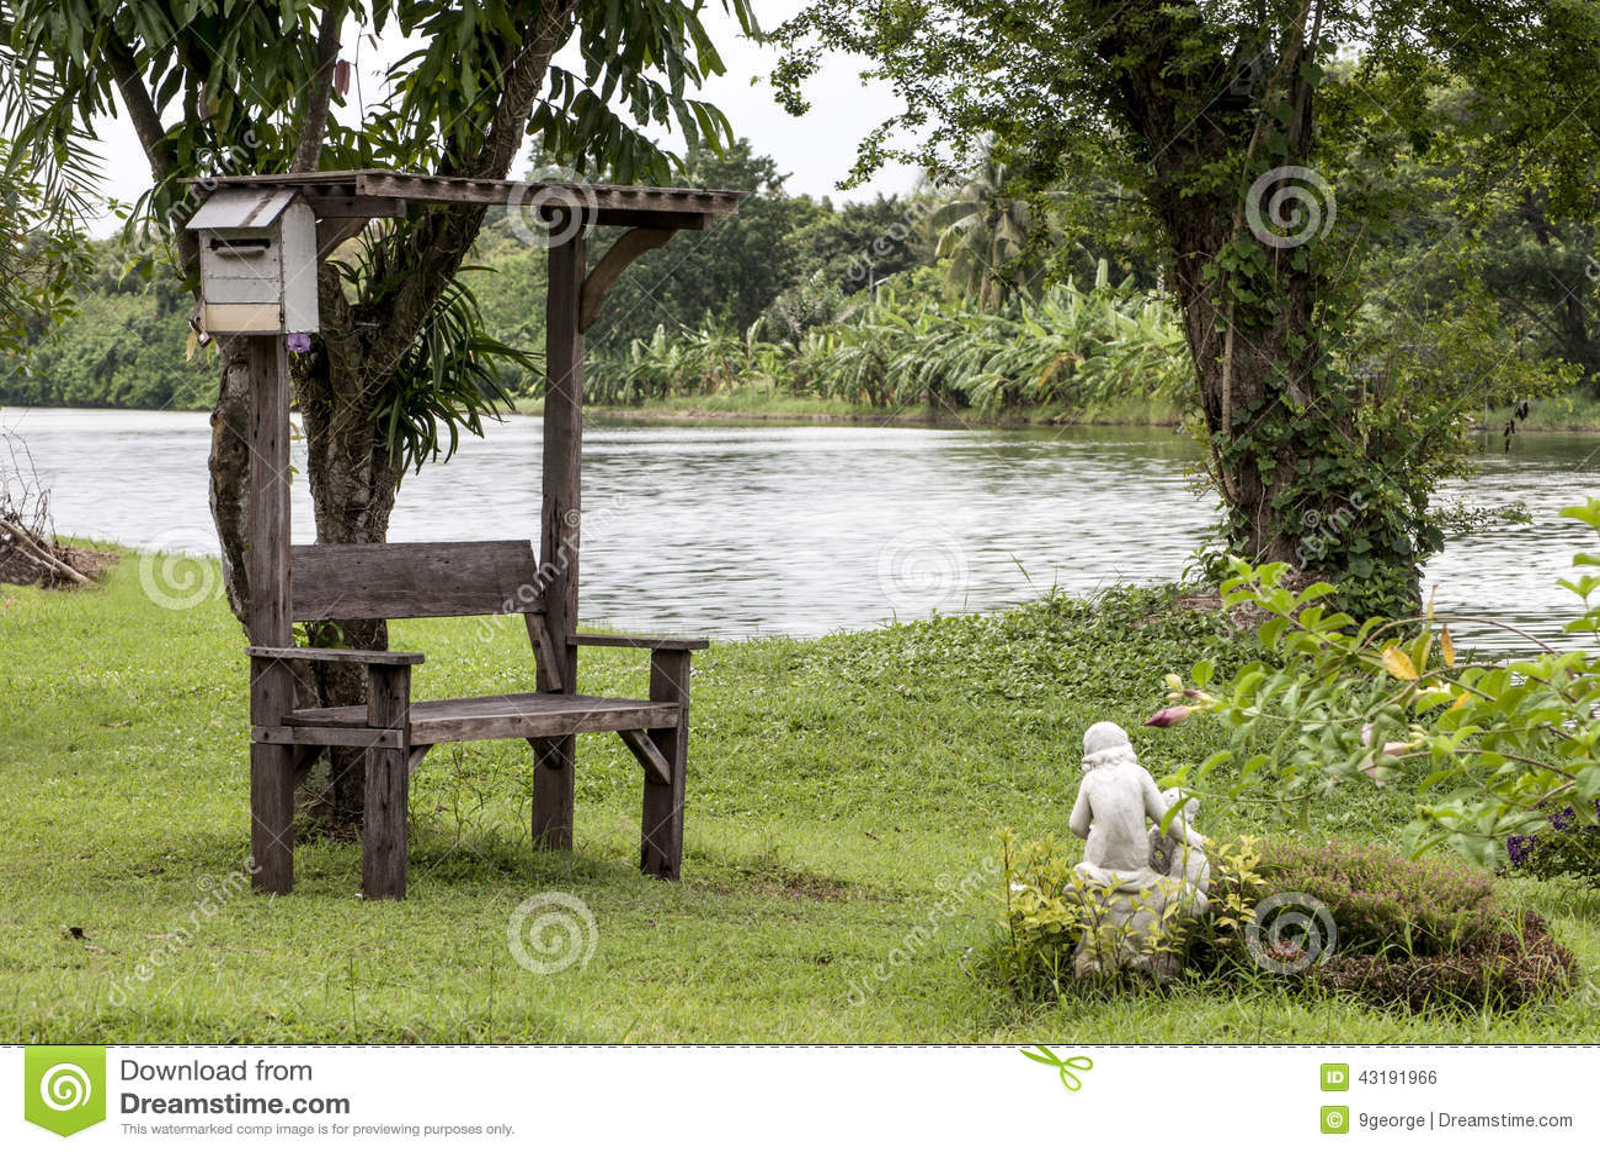 wunderbare alte gartenbank im park stockfoto - bild von landschaft